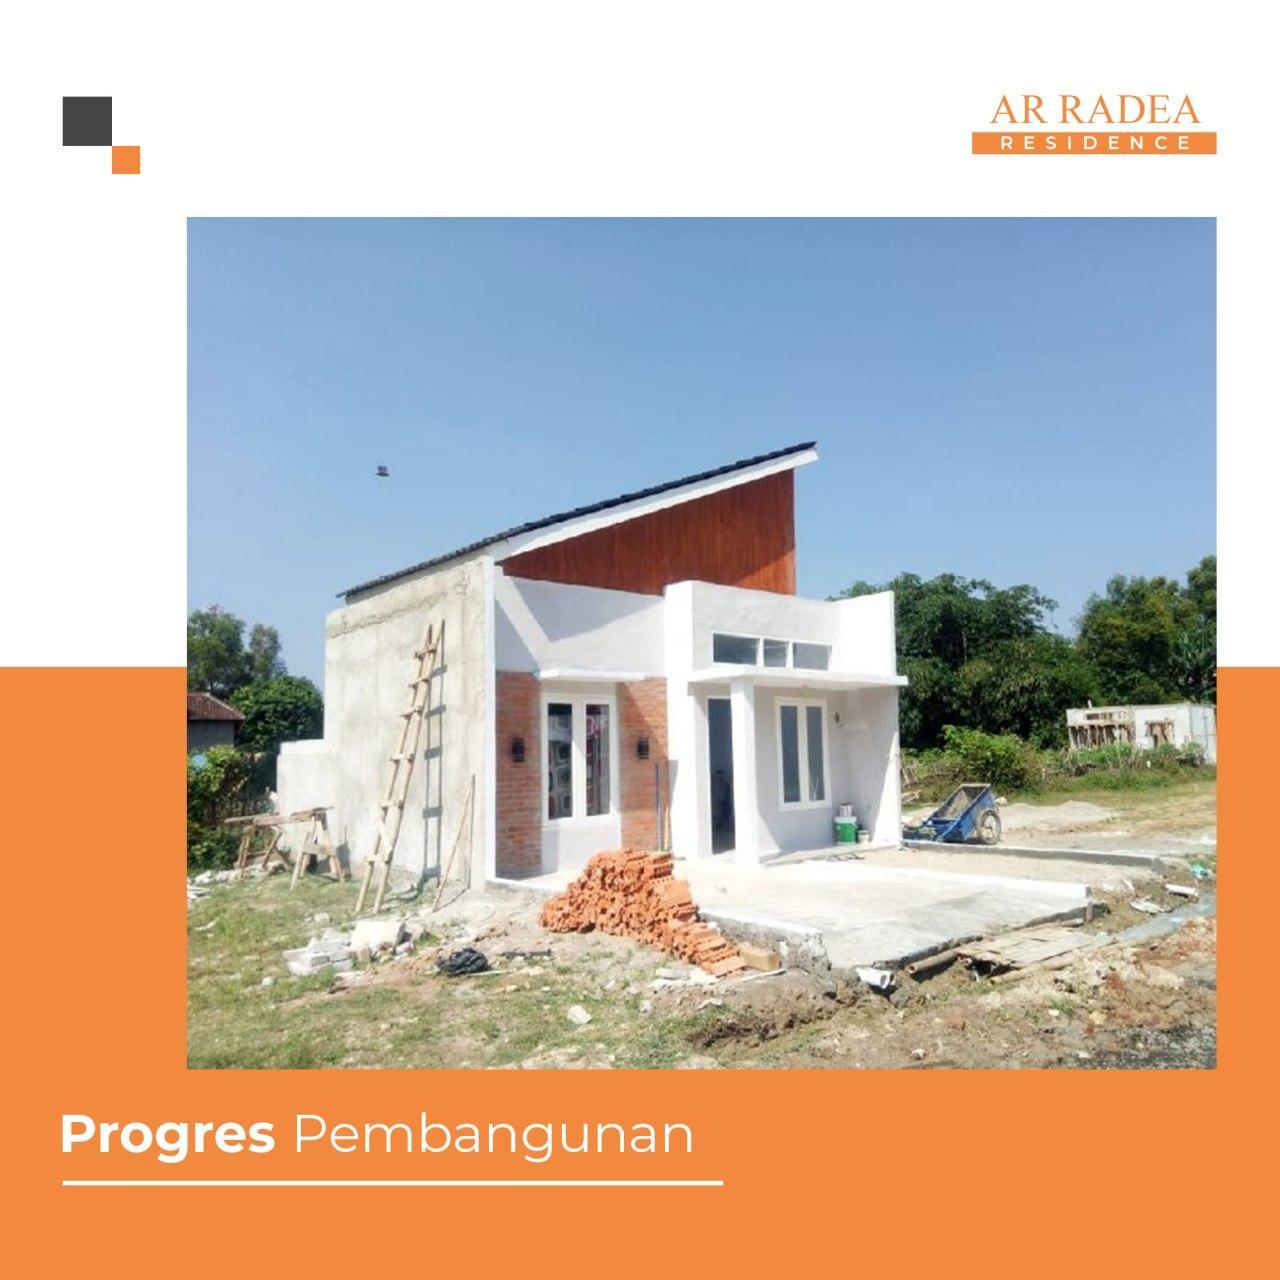 perumahan-syariah-bekasi-rumah-syariah-gambar-progress-pembangunan1-di-cibarusah-cikarang-bekasi-ar-radea-davproperty